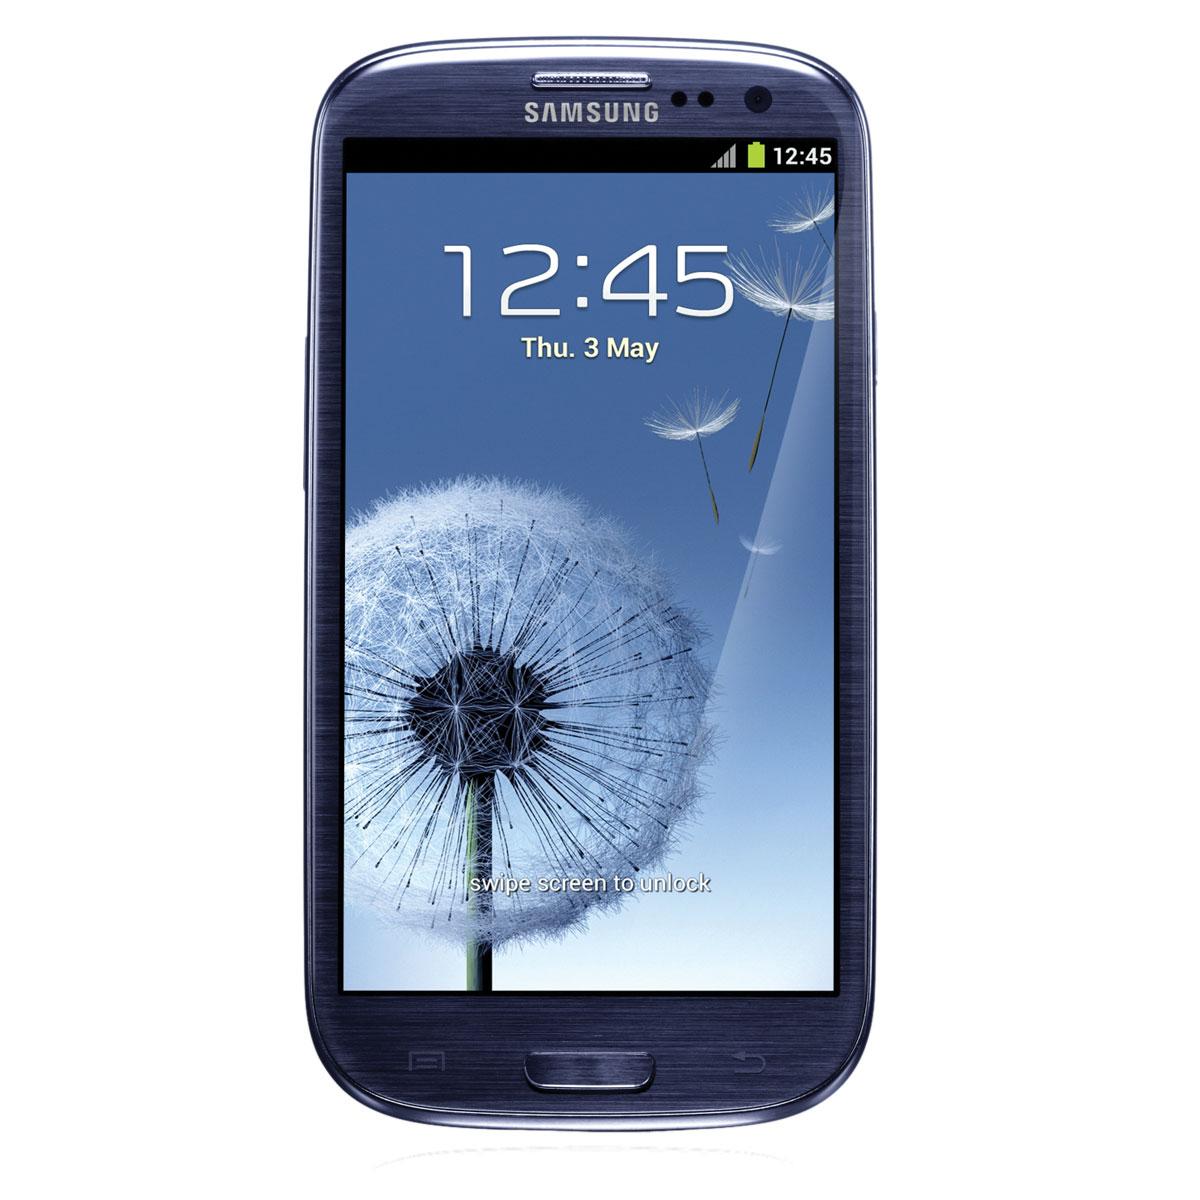 Samsung Galaxy S3 Preço Comprar Samsung Galaxy S3 - Preço sugerido de R$ 2.100 – Comprar